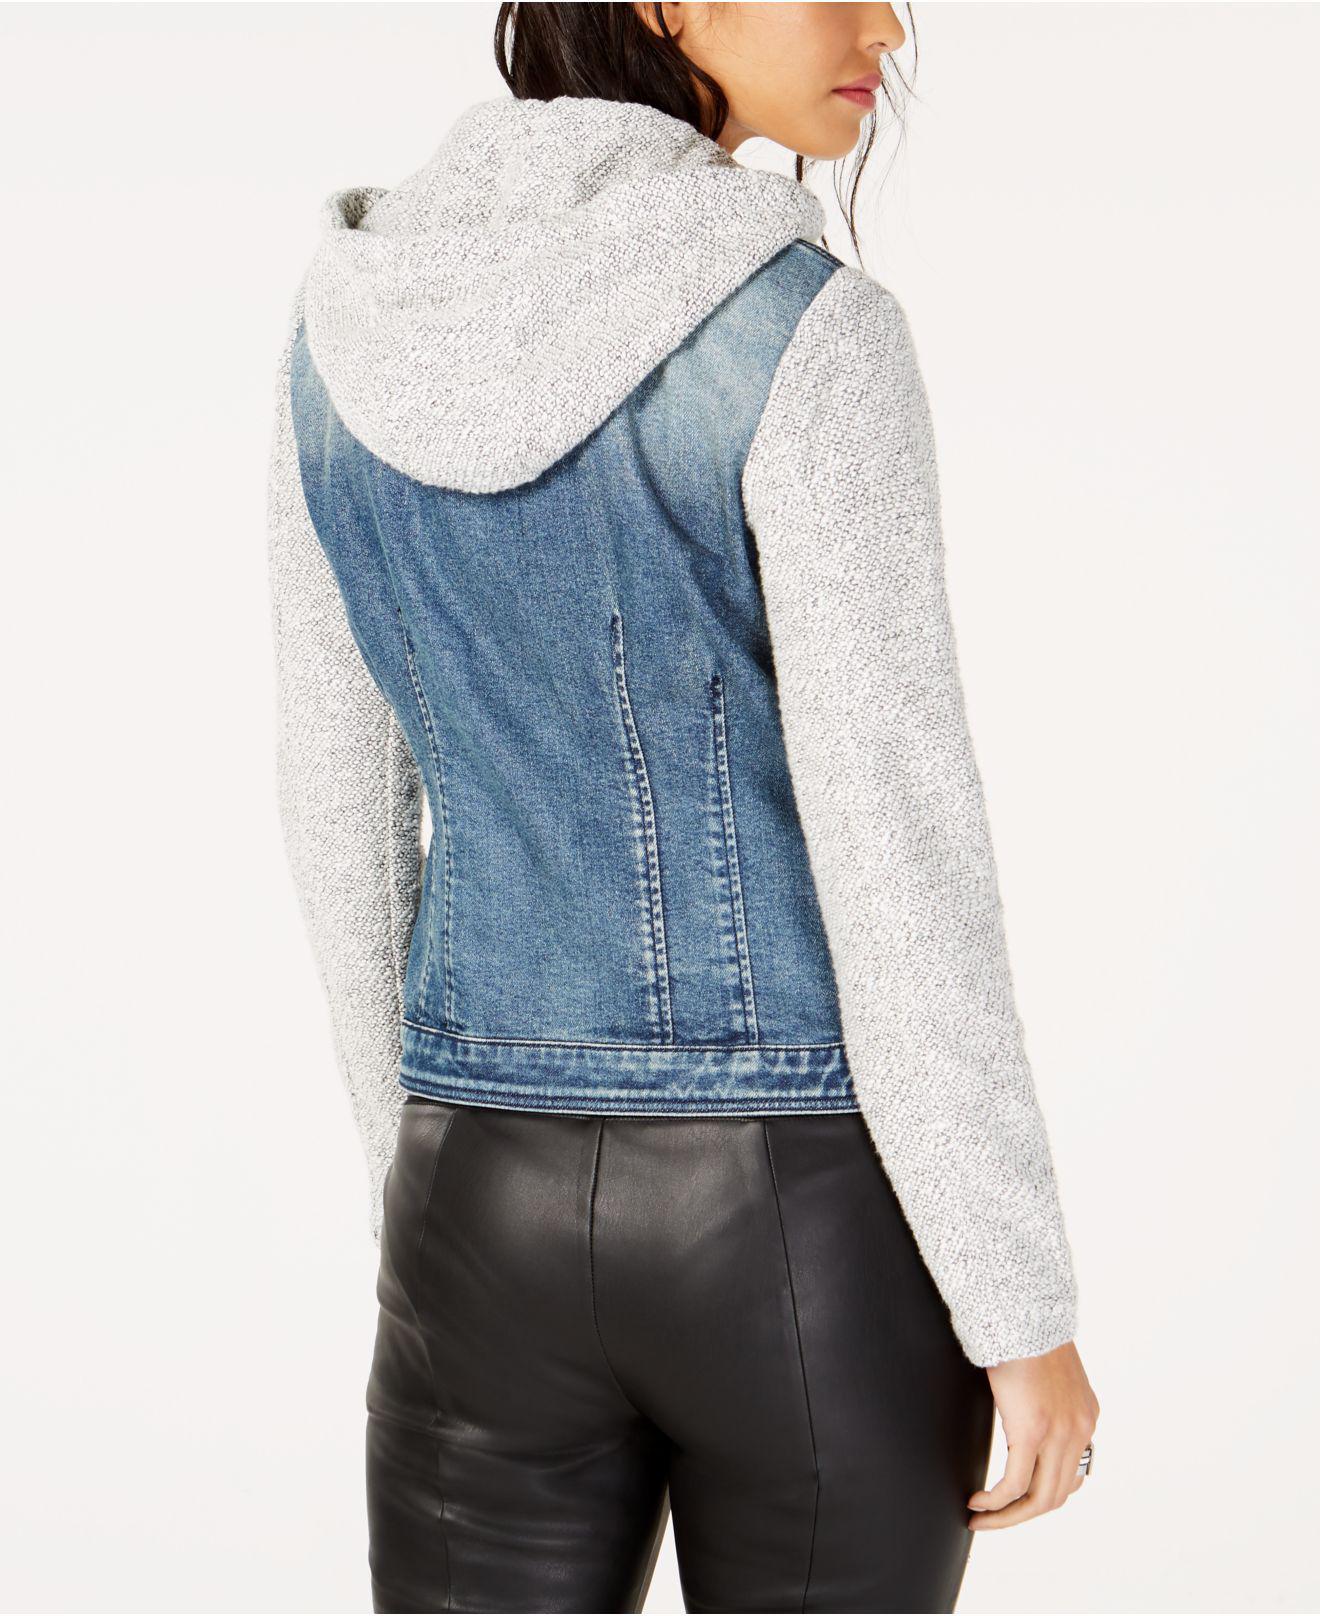 ed684f02a92ac Lyst - INC International Concepts I.n.c. Denim Slub Knit Sleeve Jacket